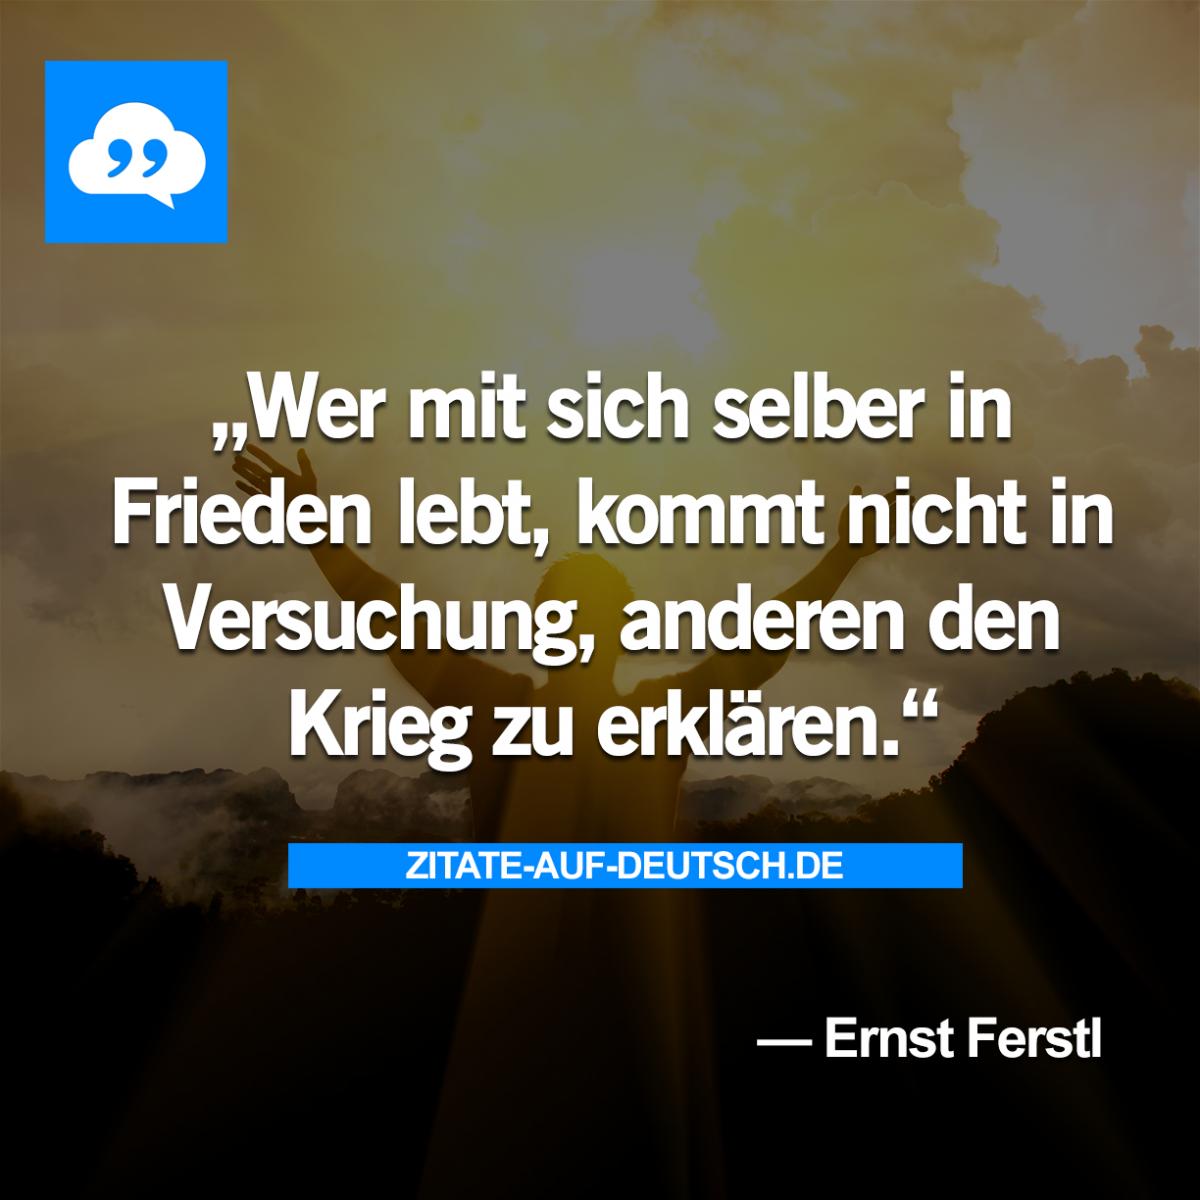 frieden sprüche Frieden, #Krieg, #Spruch, #Sprüche, #Zitat, #Zitate, #ErnstFerstl  frieden sprüche